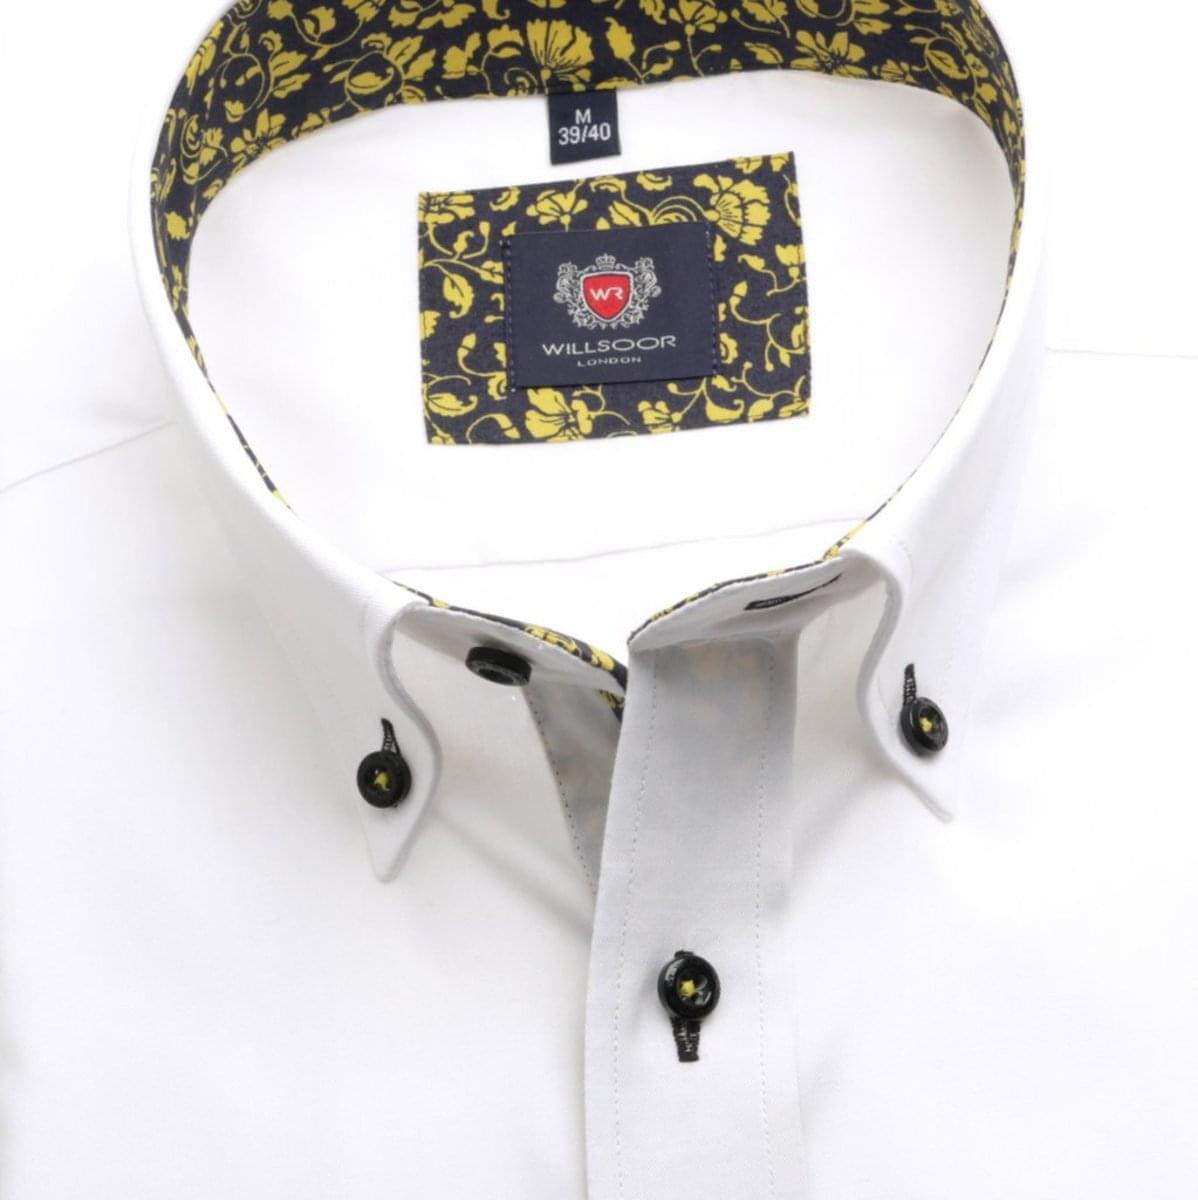 Pánská klasická košile London (výška 188-194) 6843 v bílé barvě s formulí Easy Care 188-194 / XL (43/44)